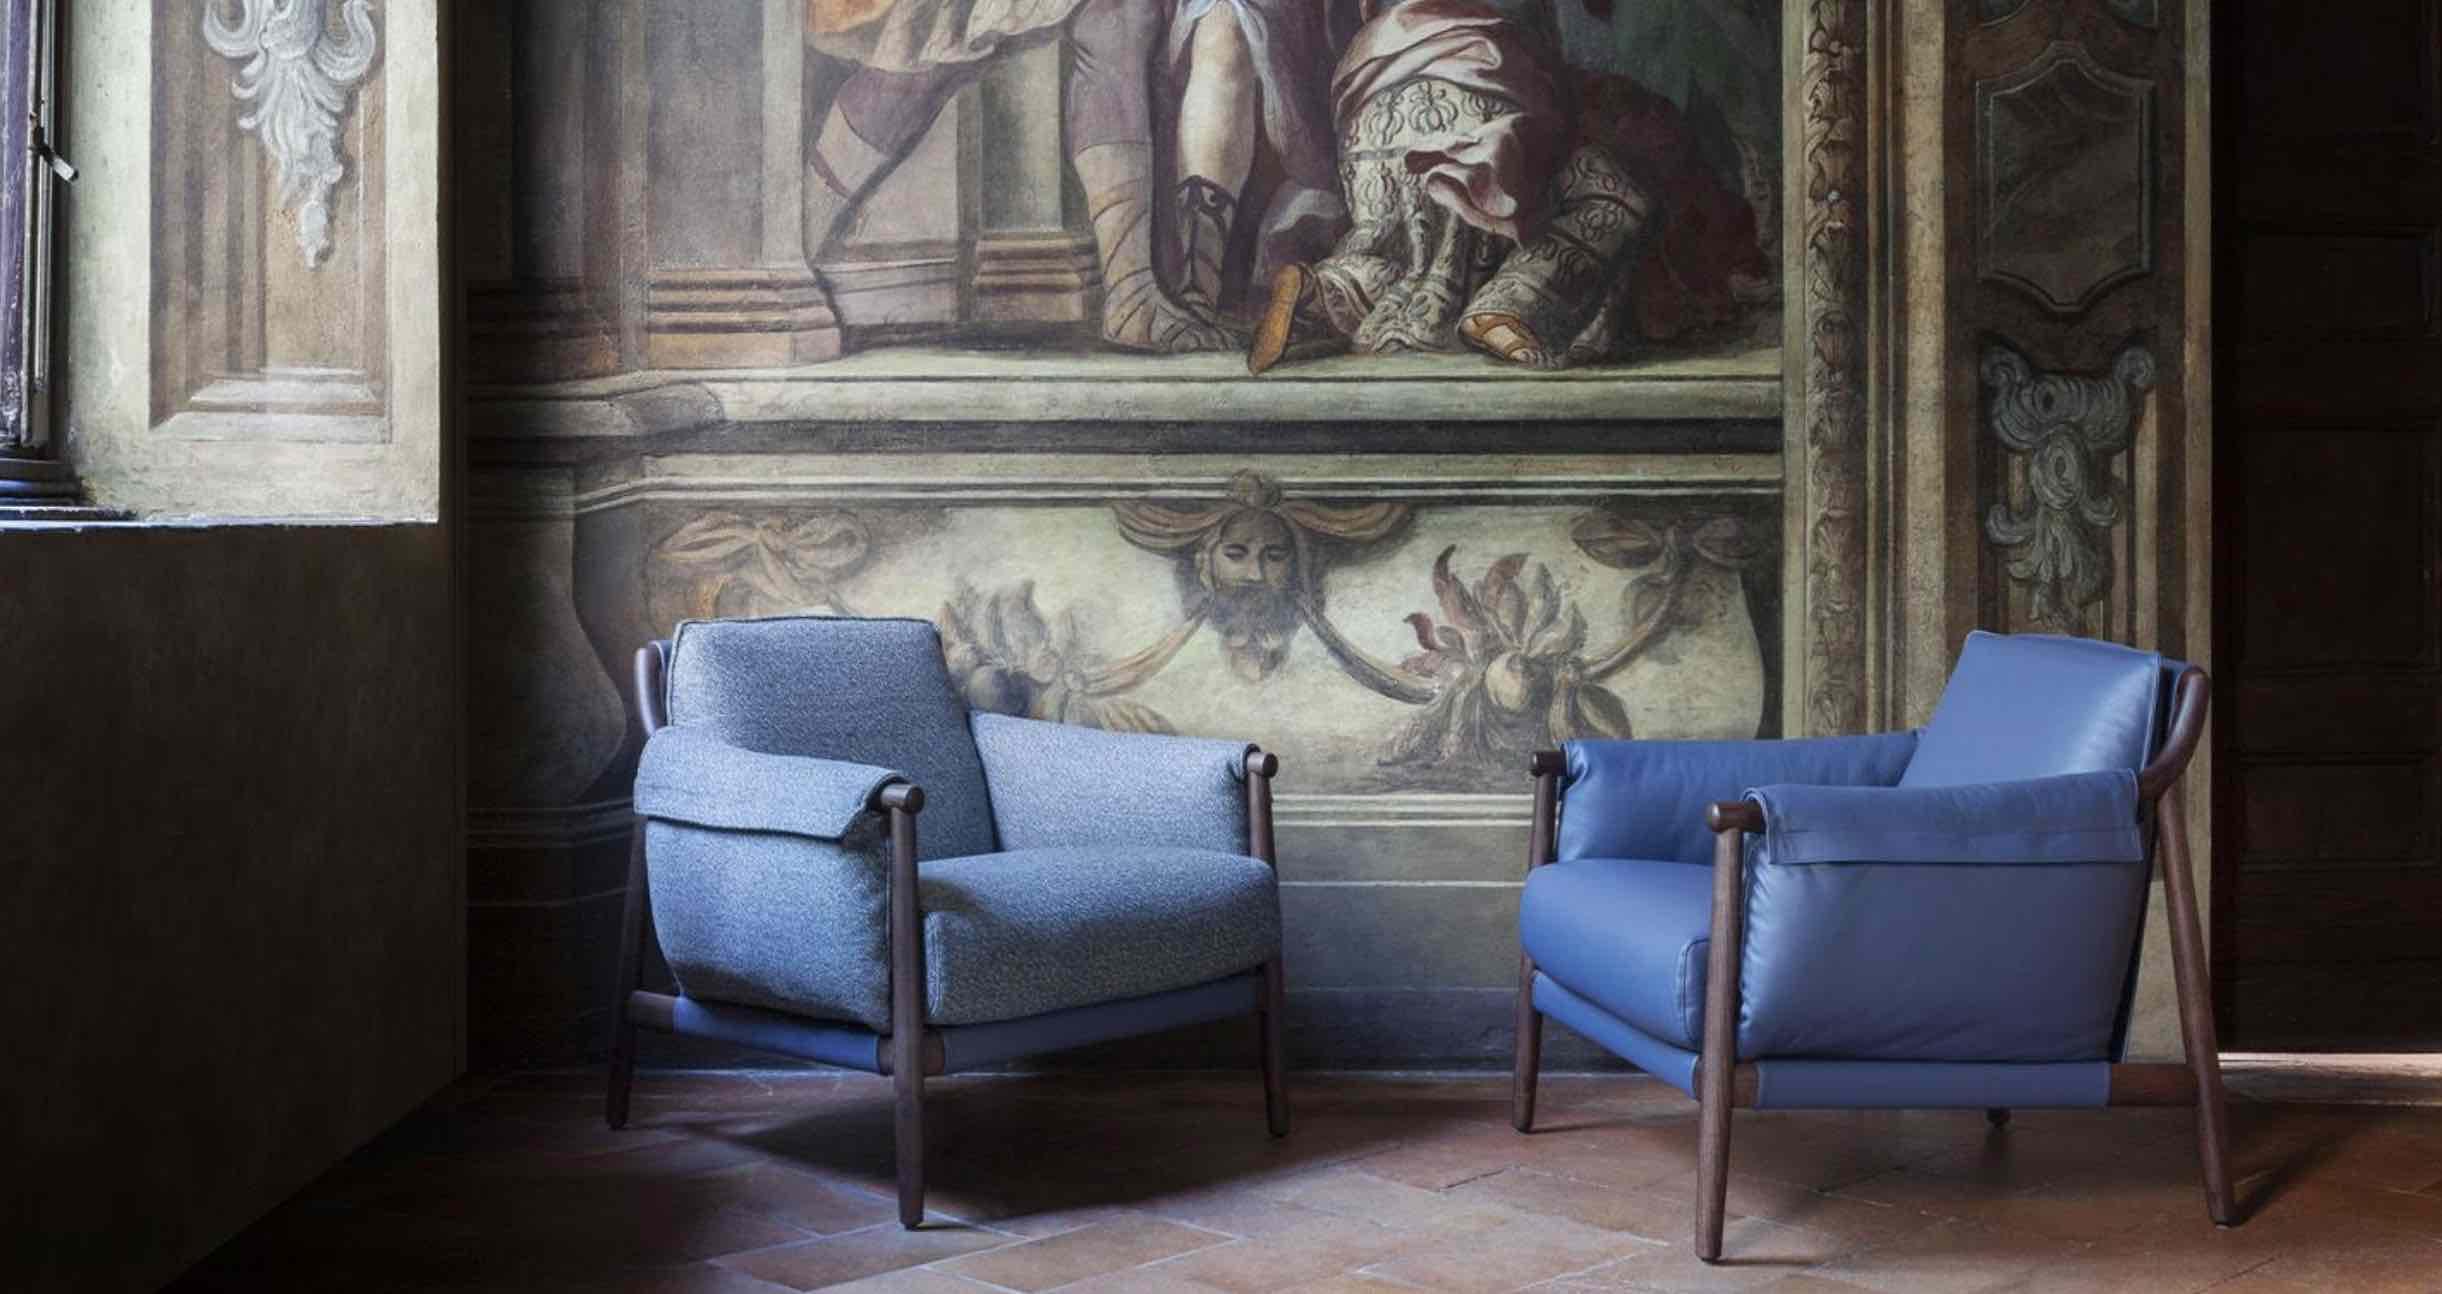 Times Lounge | design- Spalvieri & Del Ciotto | Poltrona Frau